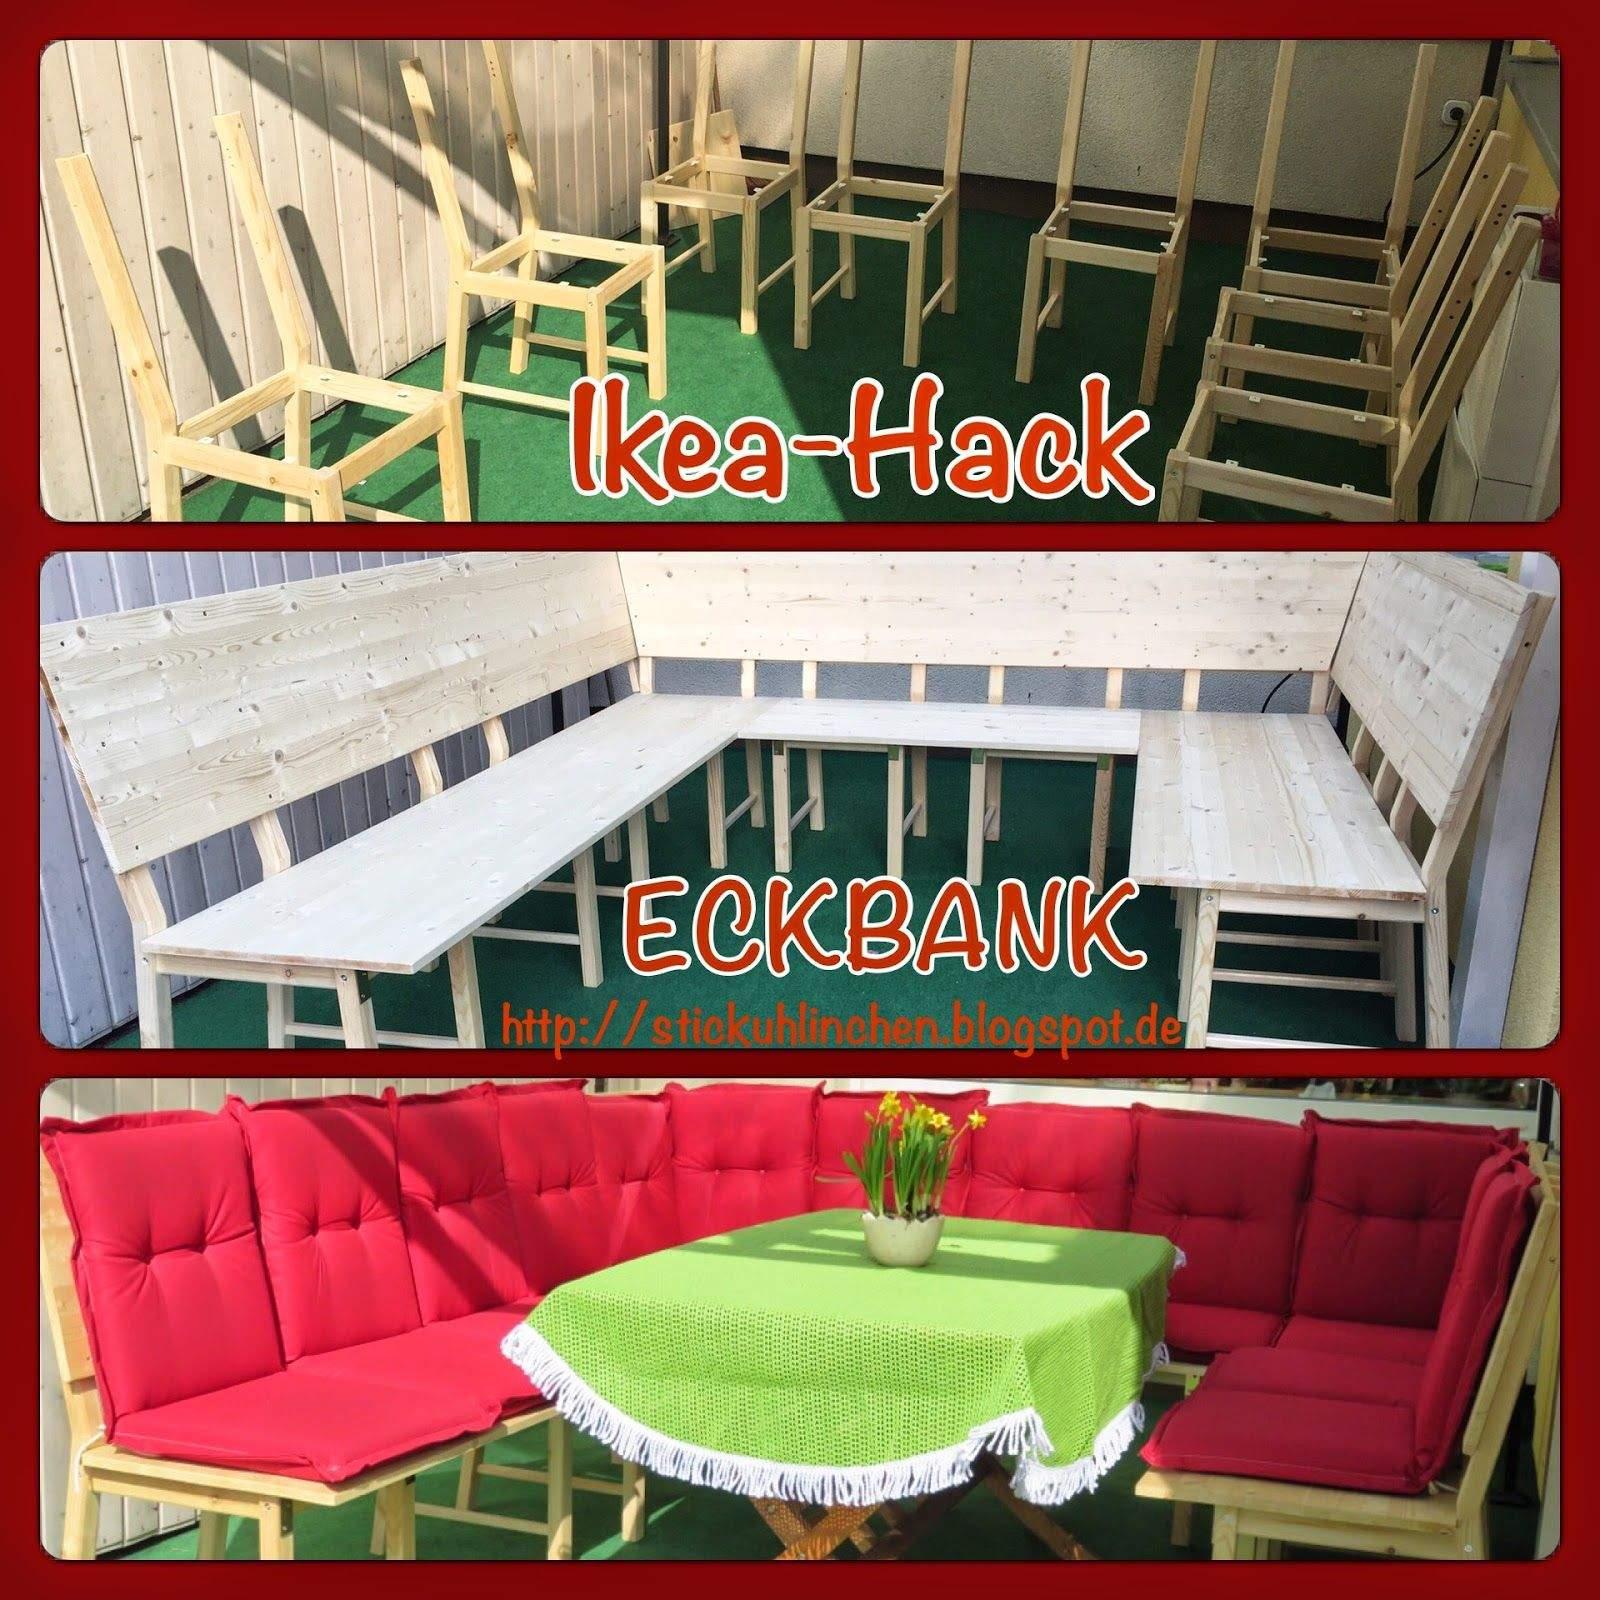 Full Size of Ikea Hack Sitzbank Esszimmer 28 Elegant Eckbank Garten Inspirierend Anlegen Sofa Küche Miniküche Bett Mit Lehne Bad Für Betten Bei 160x200 Modulküche Wohnzimmer Ikea Hack Sitzbank Esszimmer